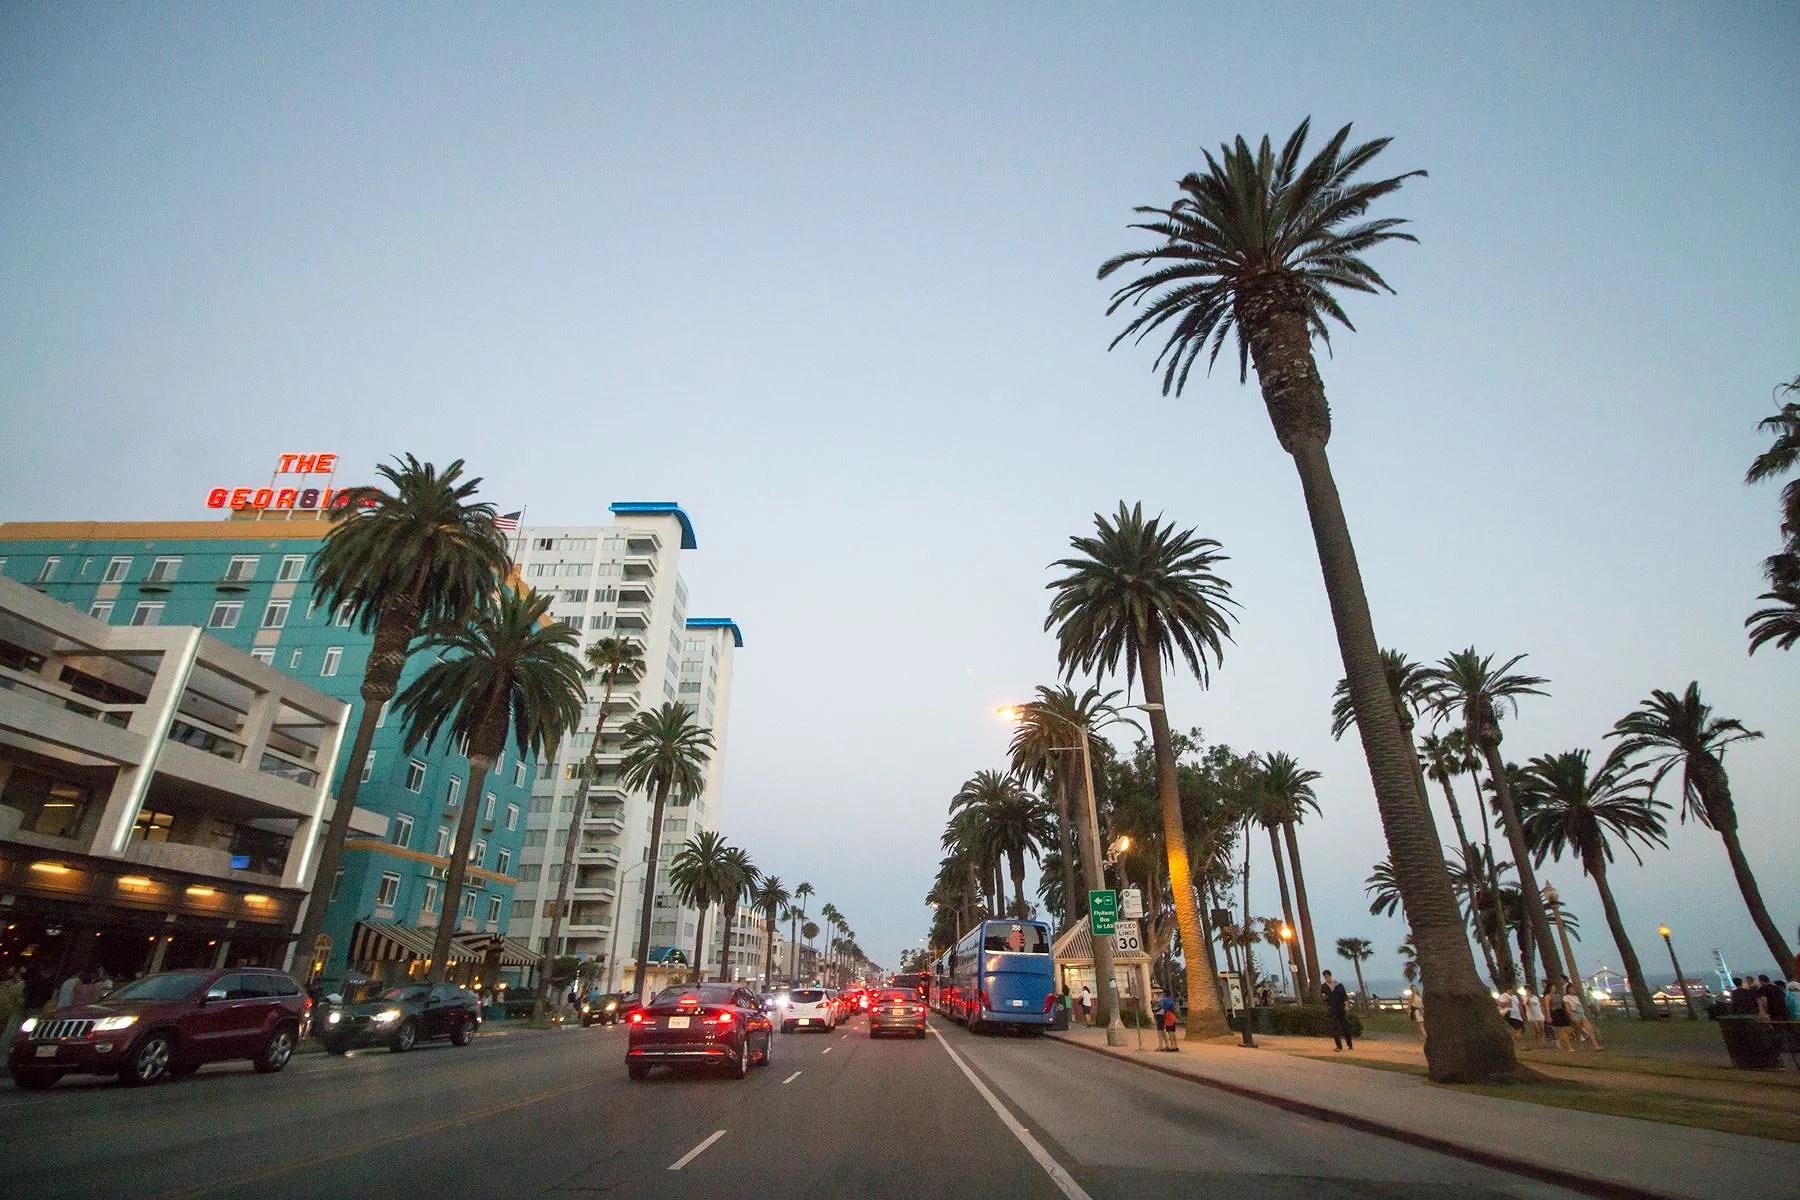 Värt att tänka på när man åker till LA